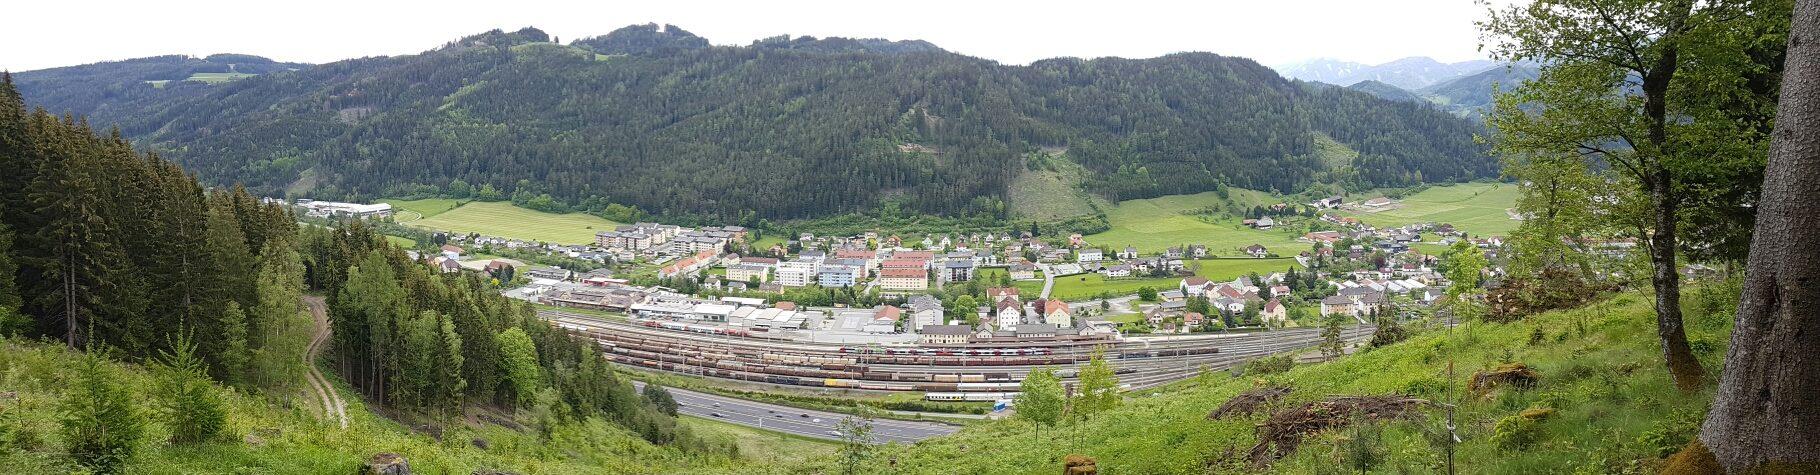 Rittmannsberger